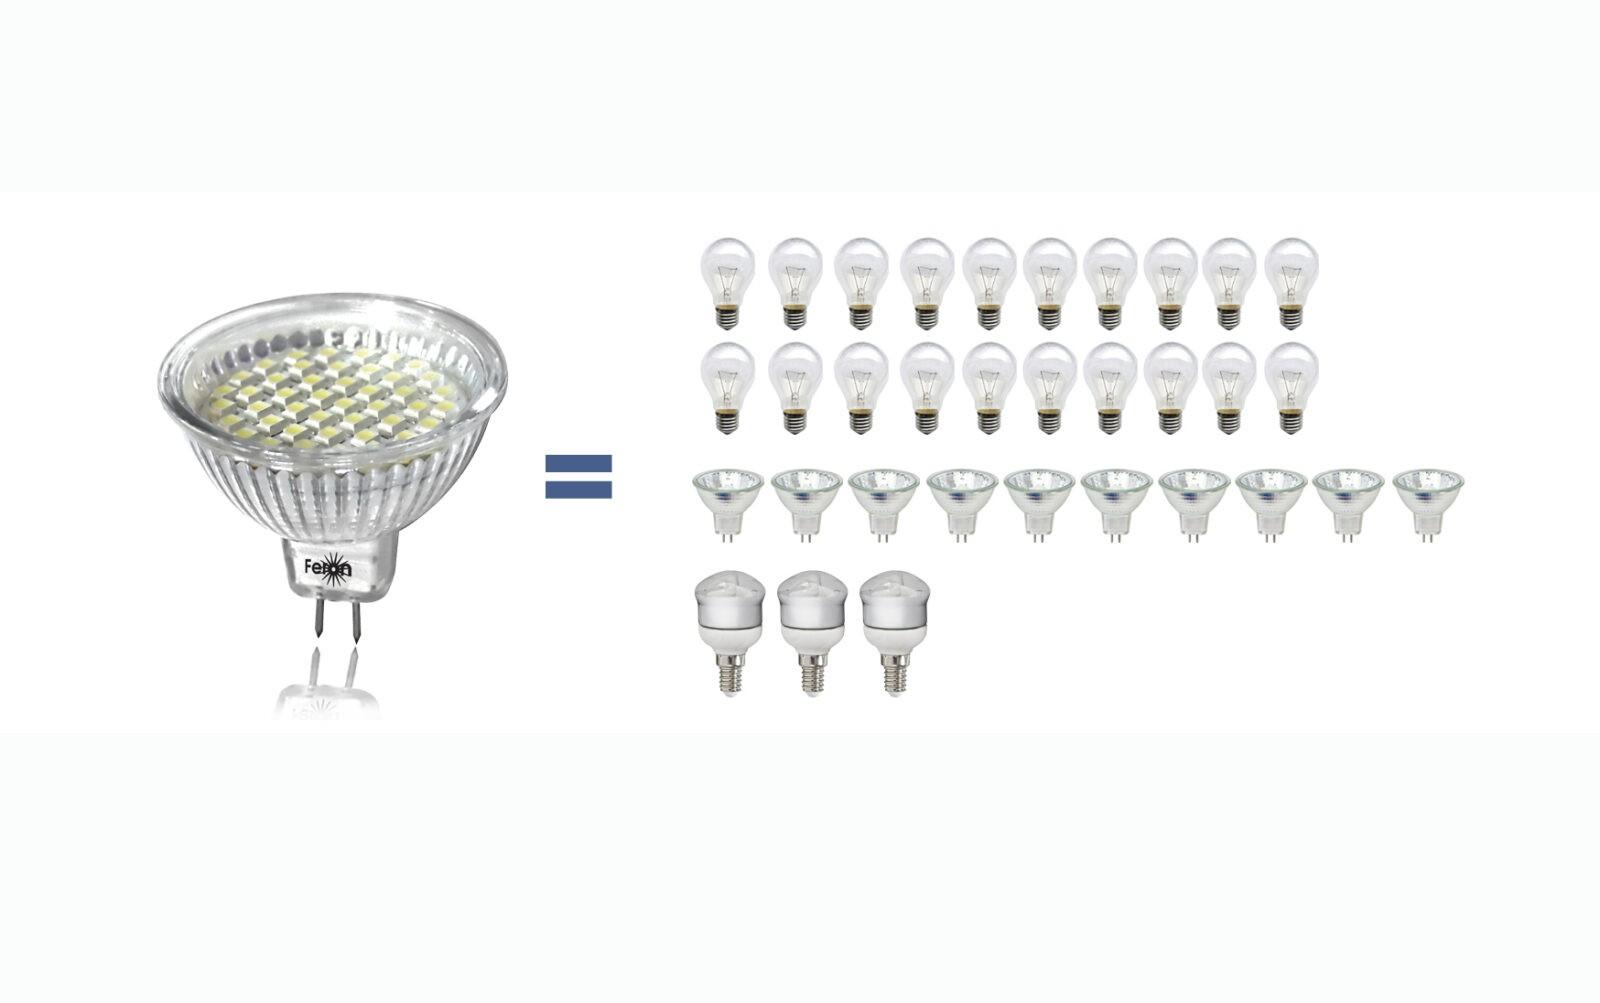 Узбекэнерго: Если все перейдут с обычных ламп на светодиодные